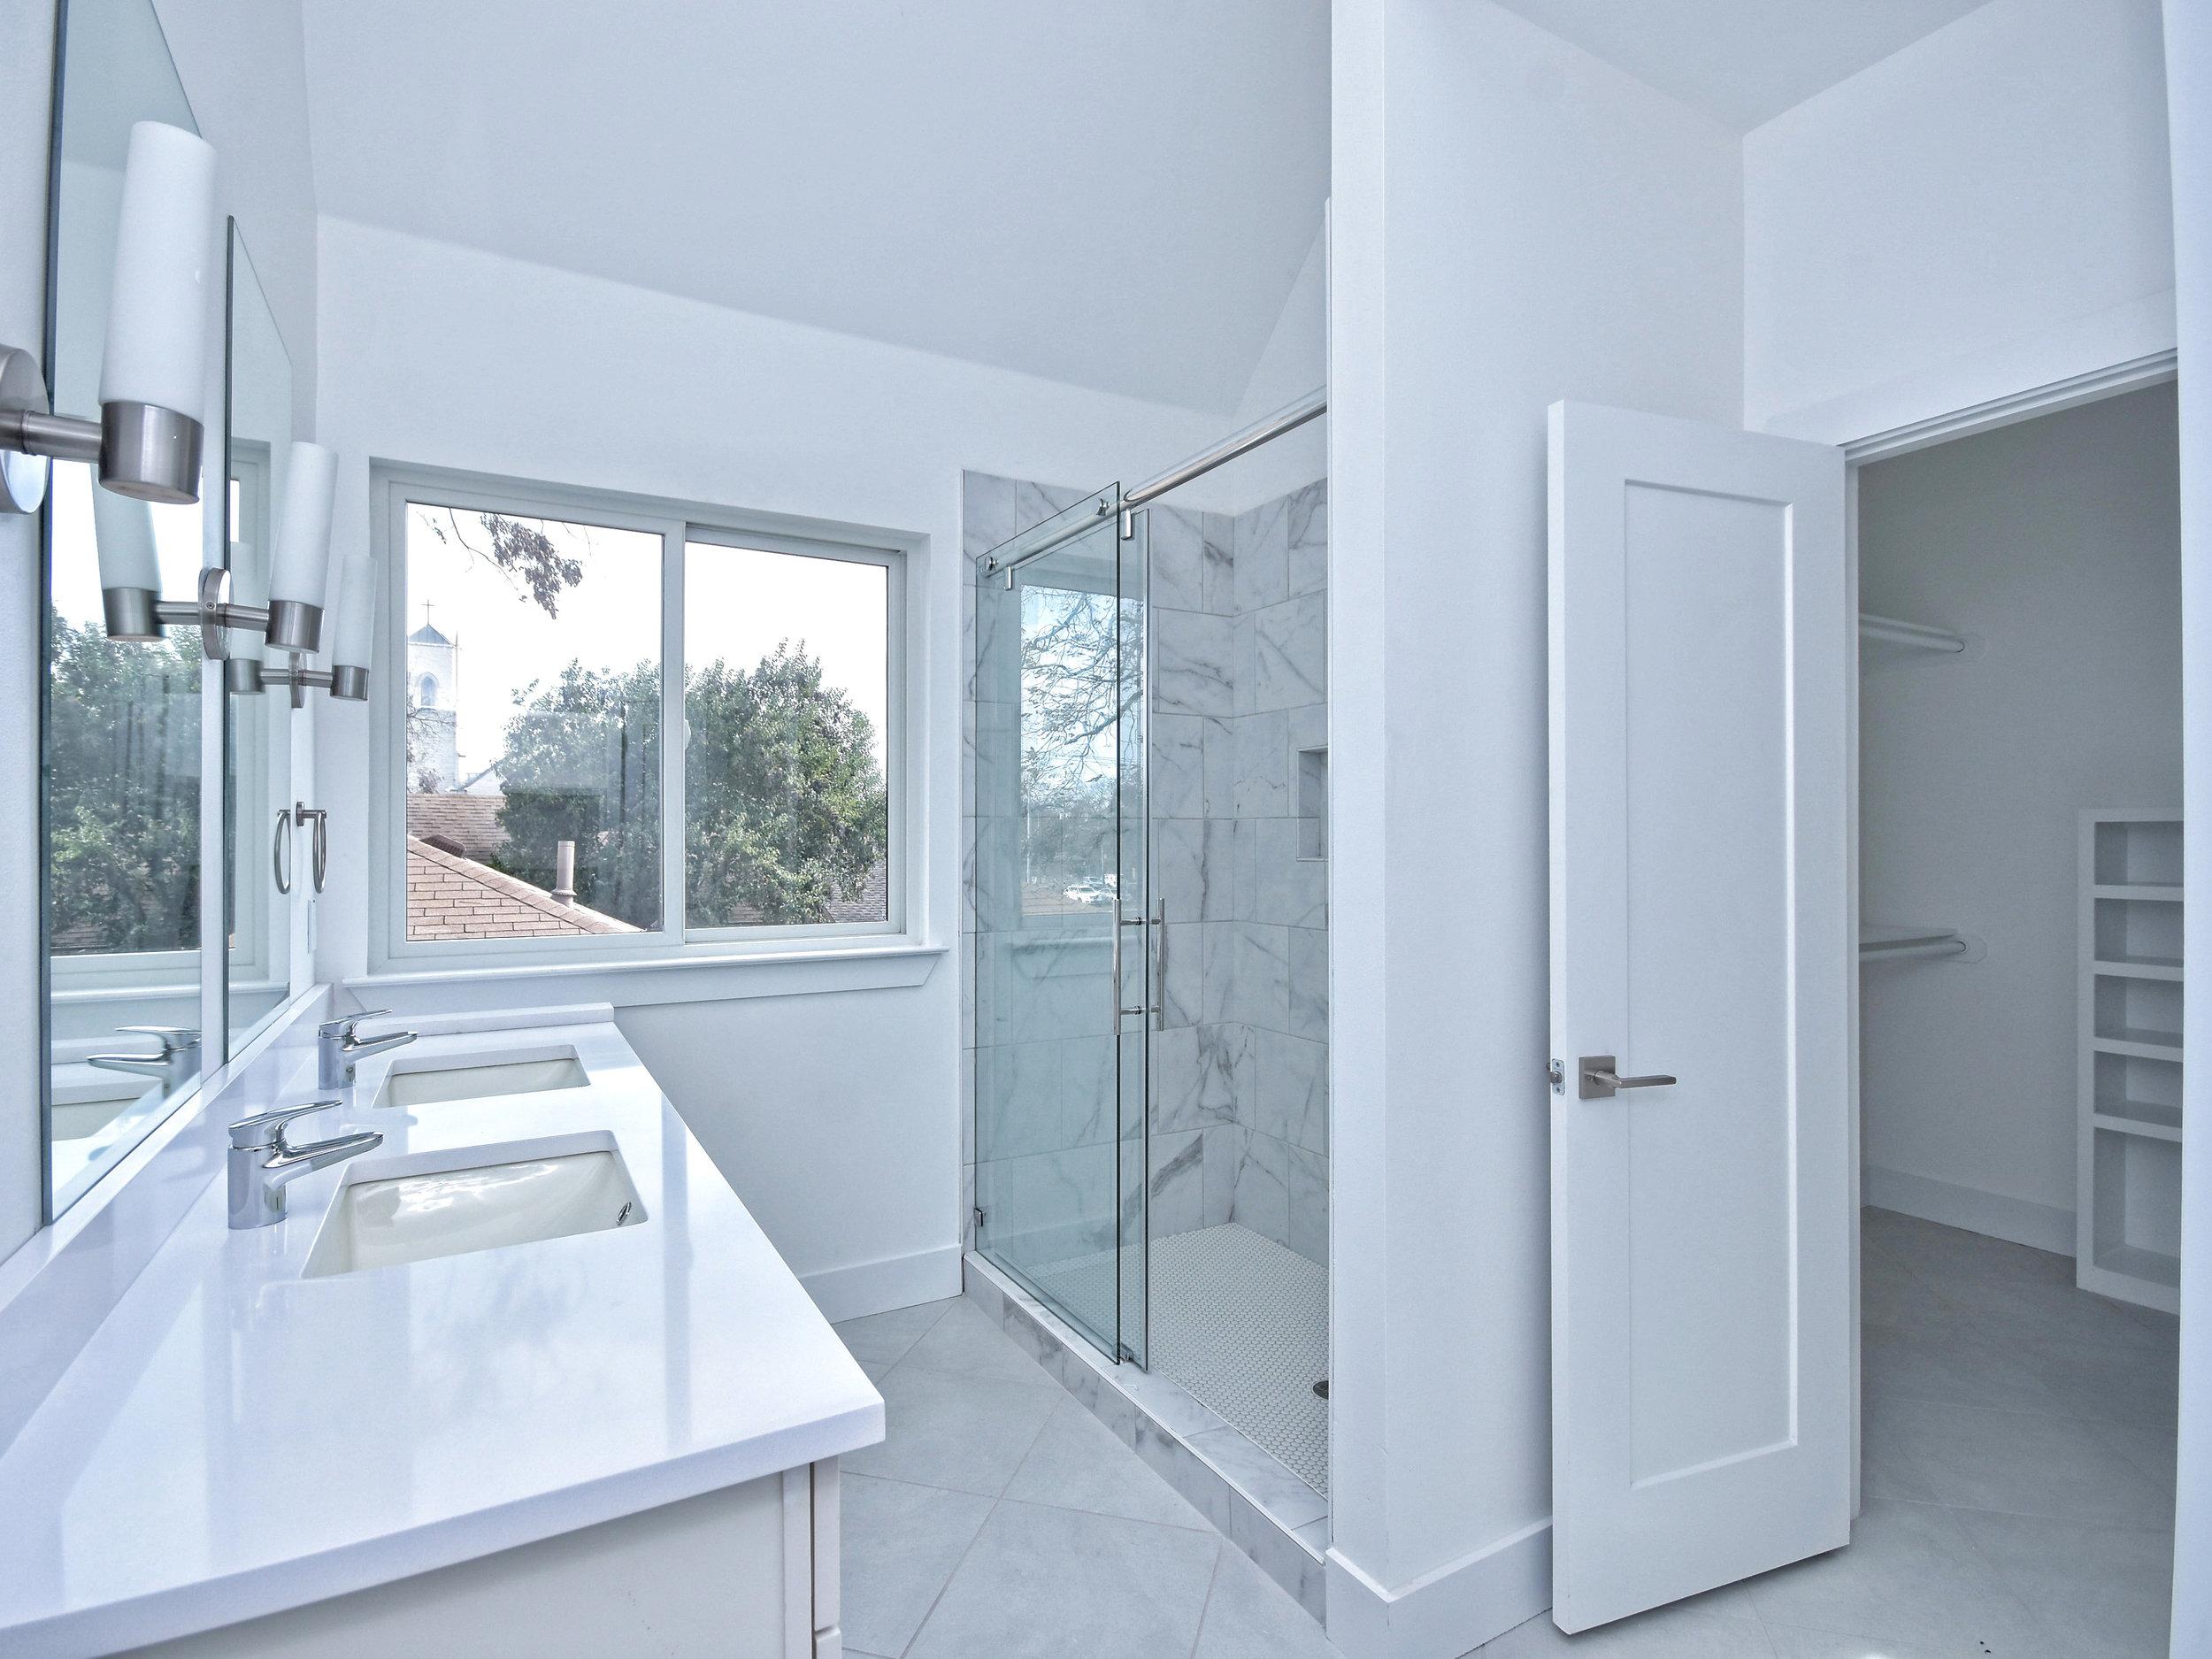 020_A-Mastesr Bathroom.jpg